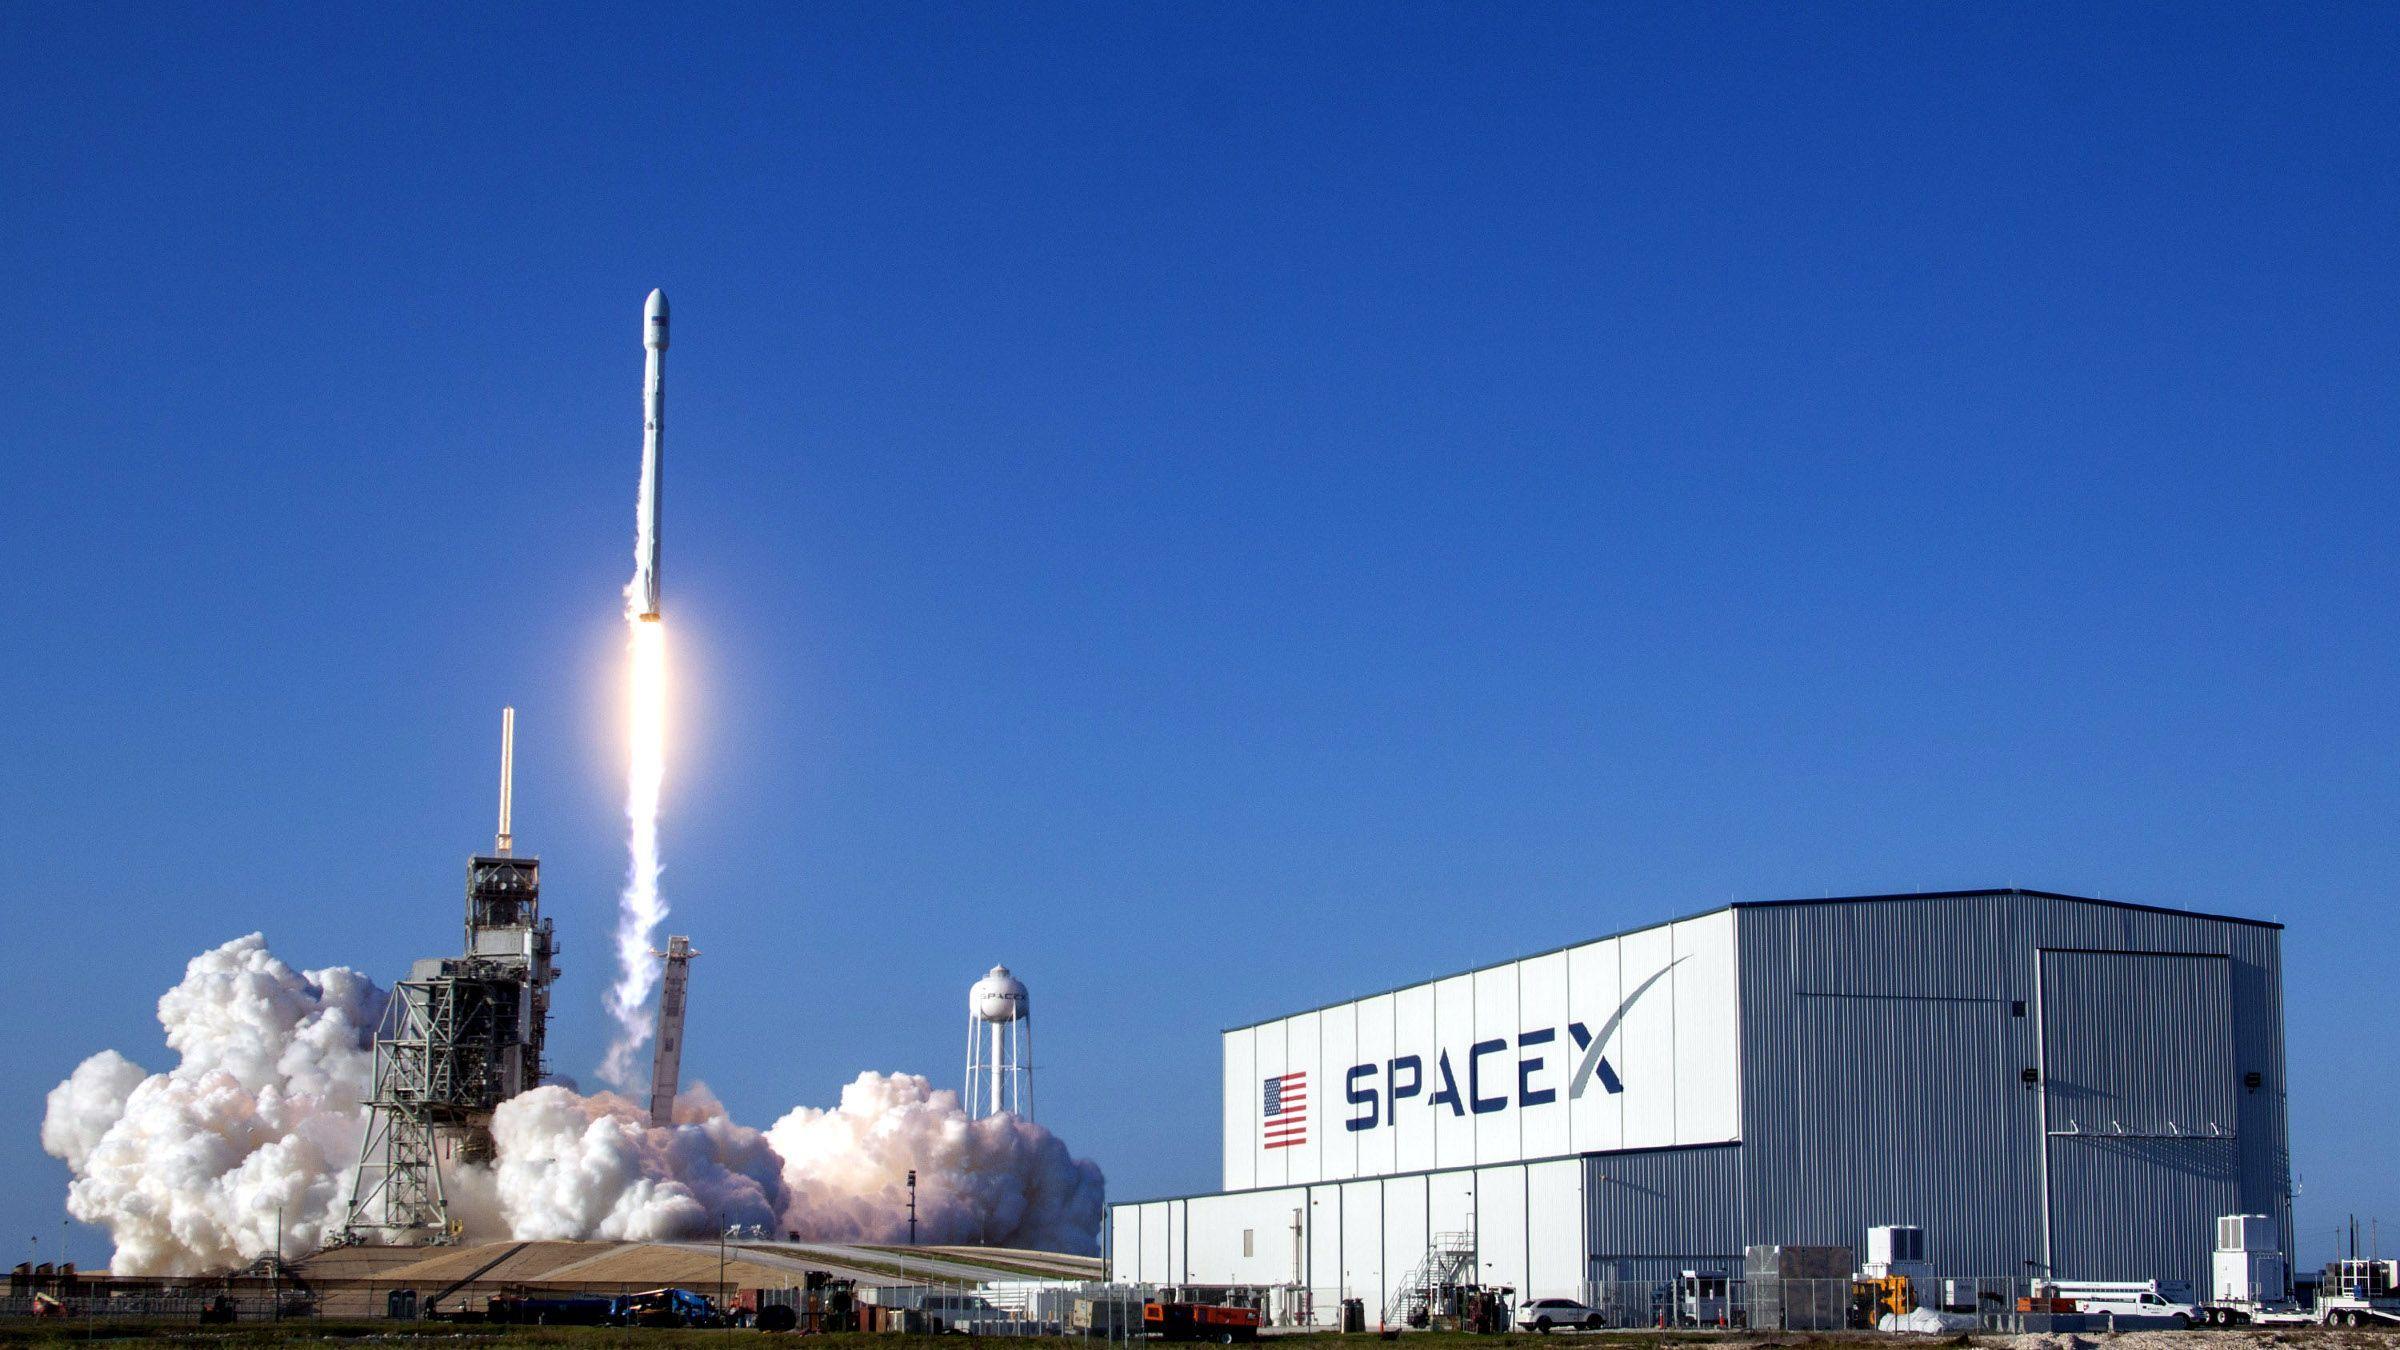 ¿Internet para todos y desde el espacio? El millonario Elon Musk sueña con eso